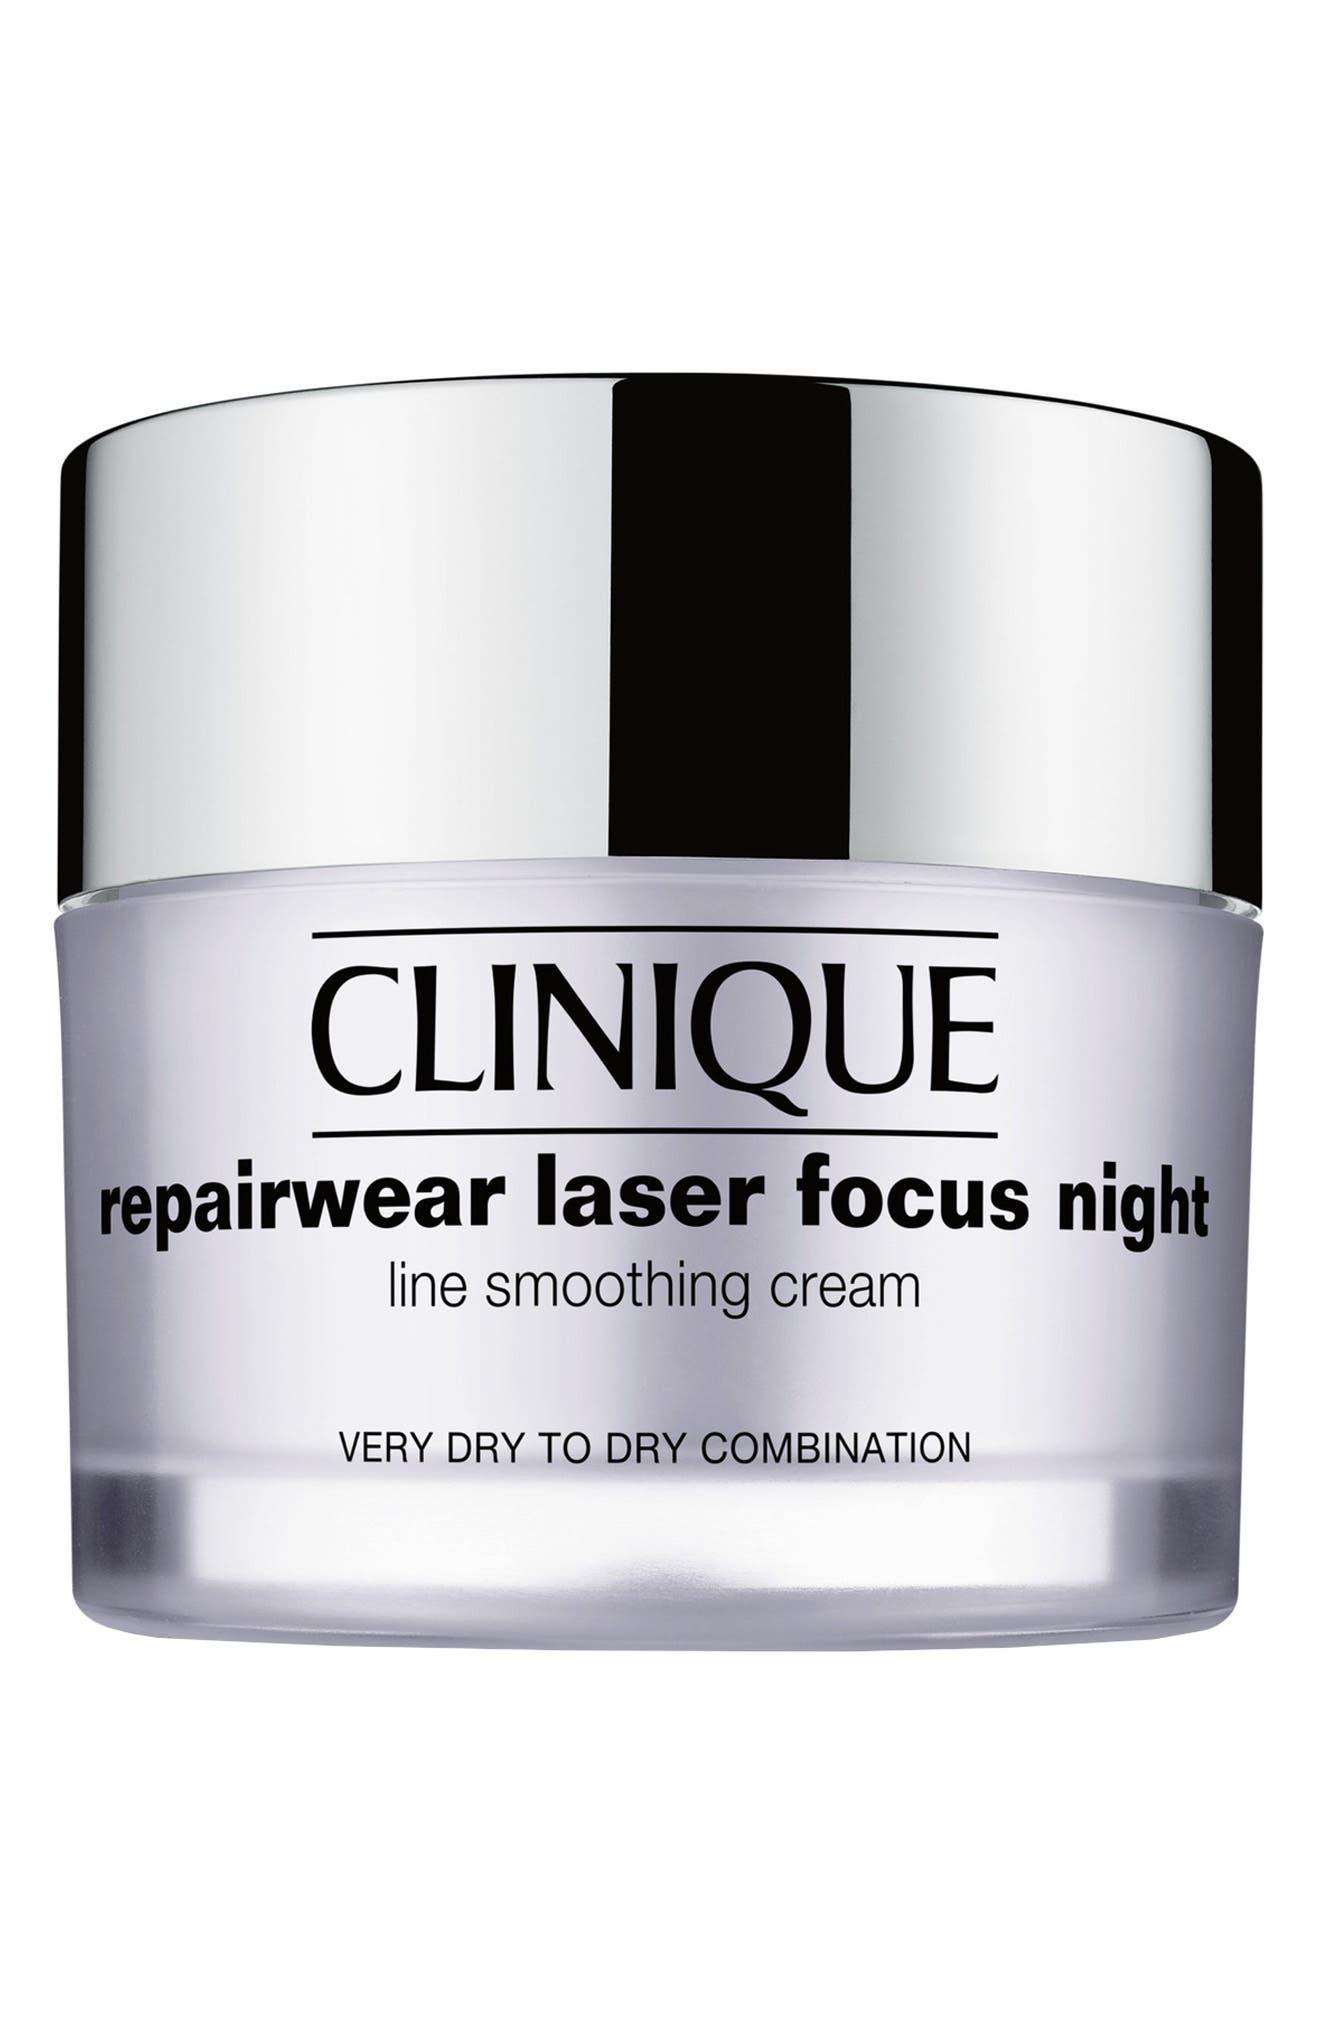 Repairwear Laser Focus Night Line Smoothing Cream